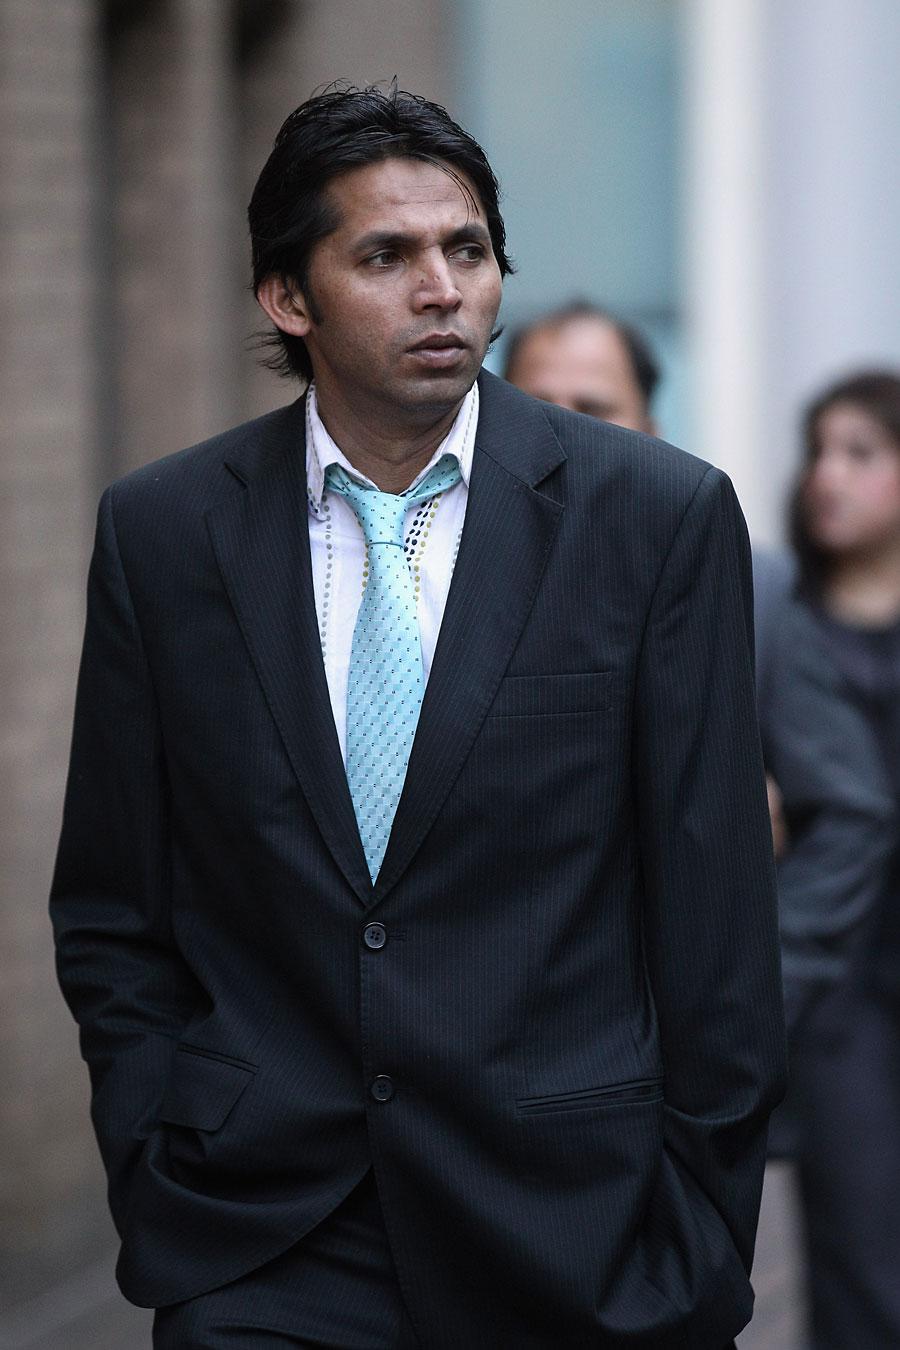 محمد آصف پر آئی سی سی کی 7 سالہ پابندی بدستور عائد رہے گی (تصویر: Getty Images)